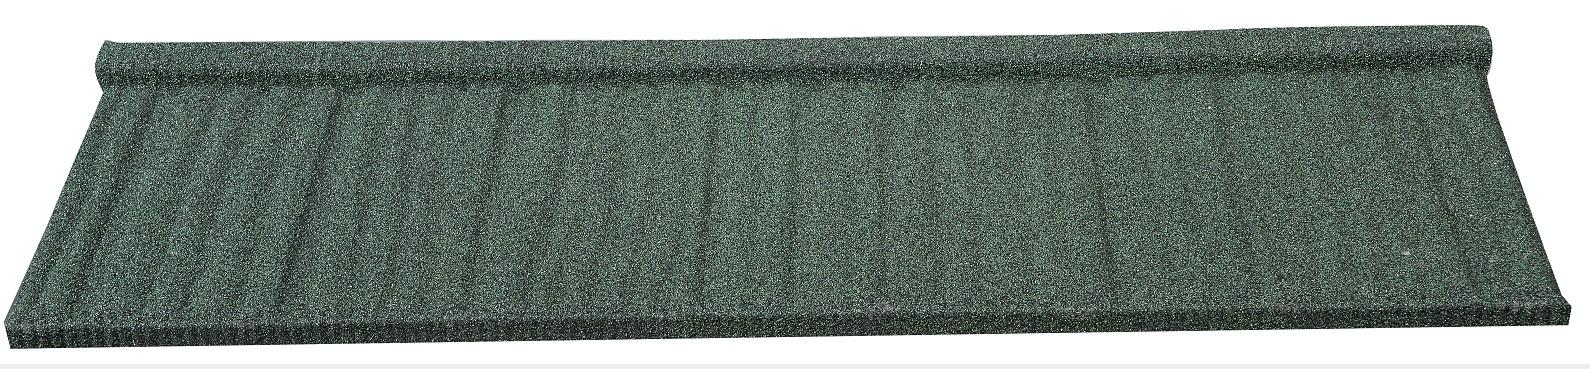 custom waterproof metal roof stone supply for Hotel-14